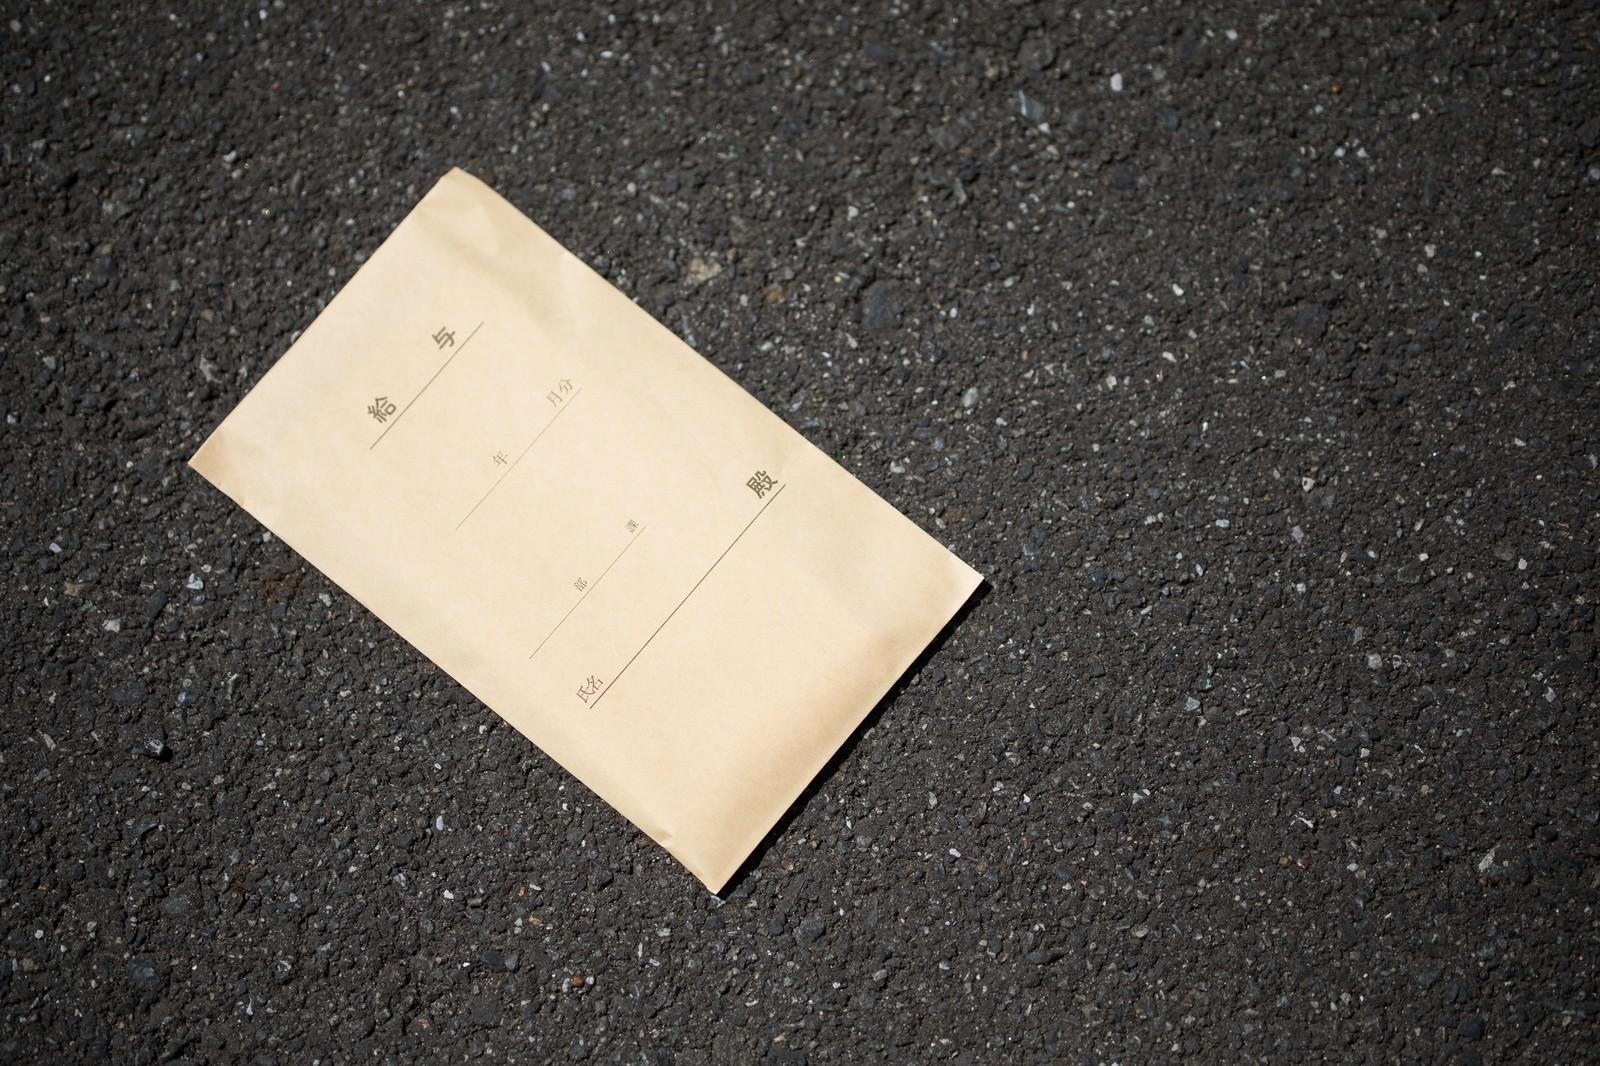 「給与袋トラップ給与袋トラップ」のフリー写真素材を拡大